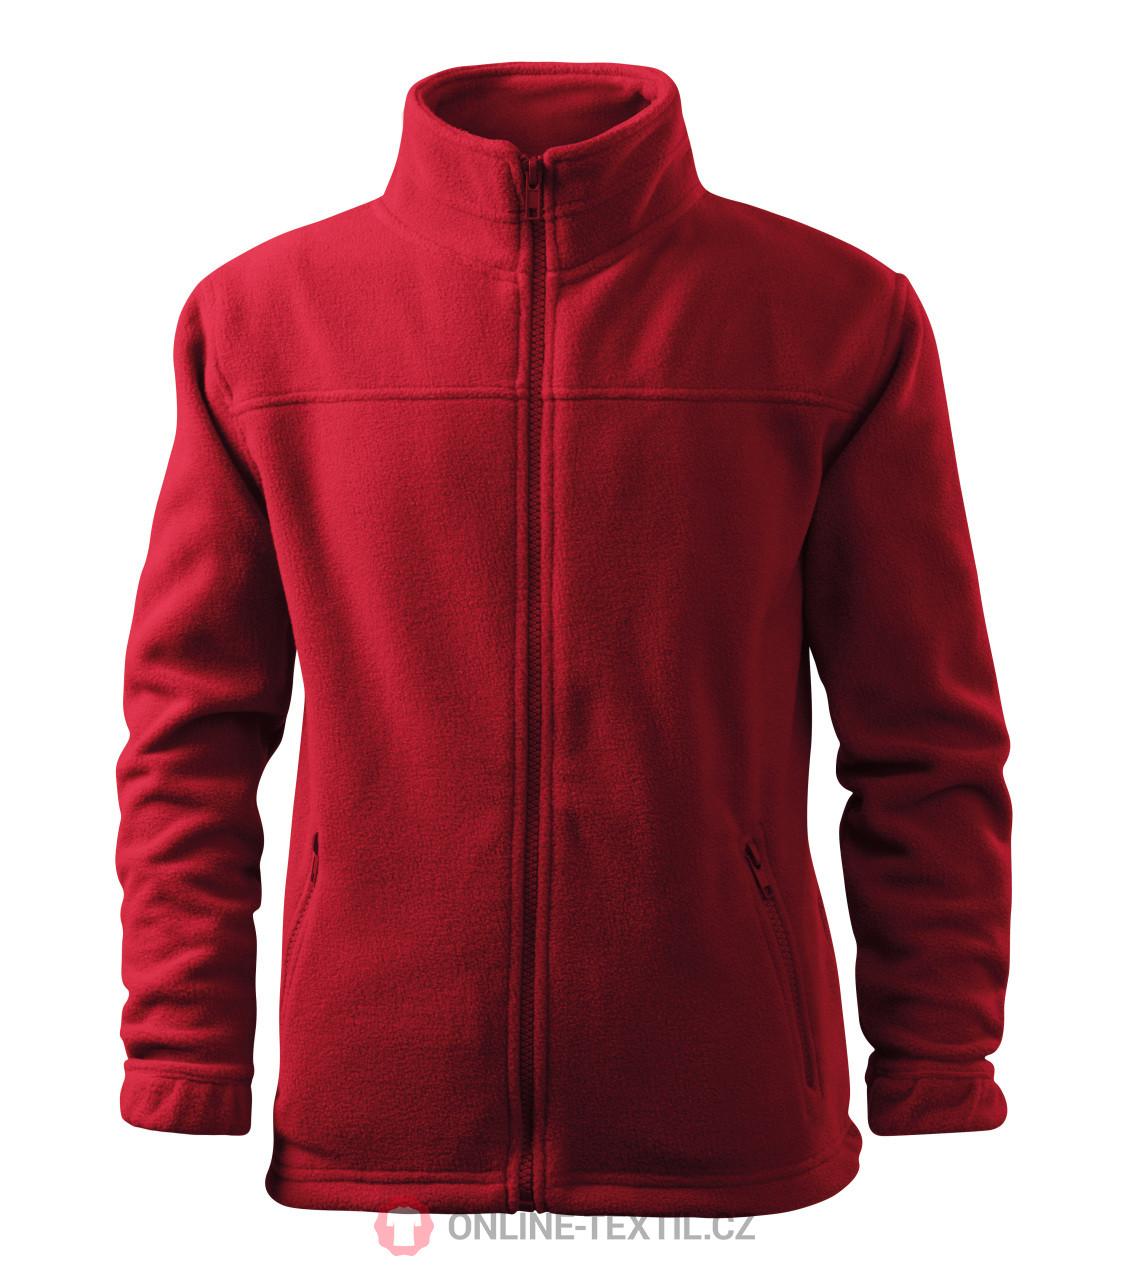 Kids fleece jacket/sweatshirt Fleece Jacket ...